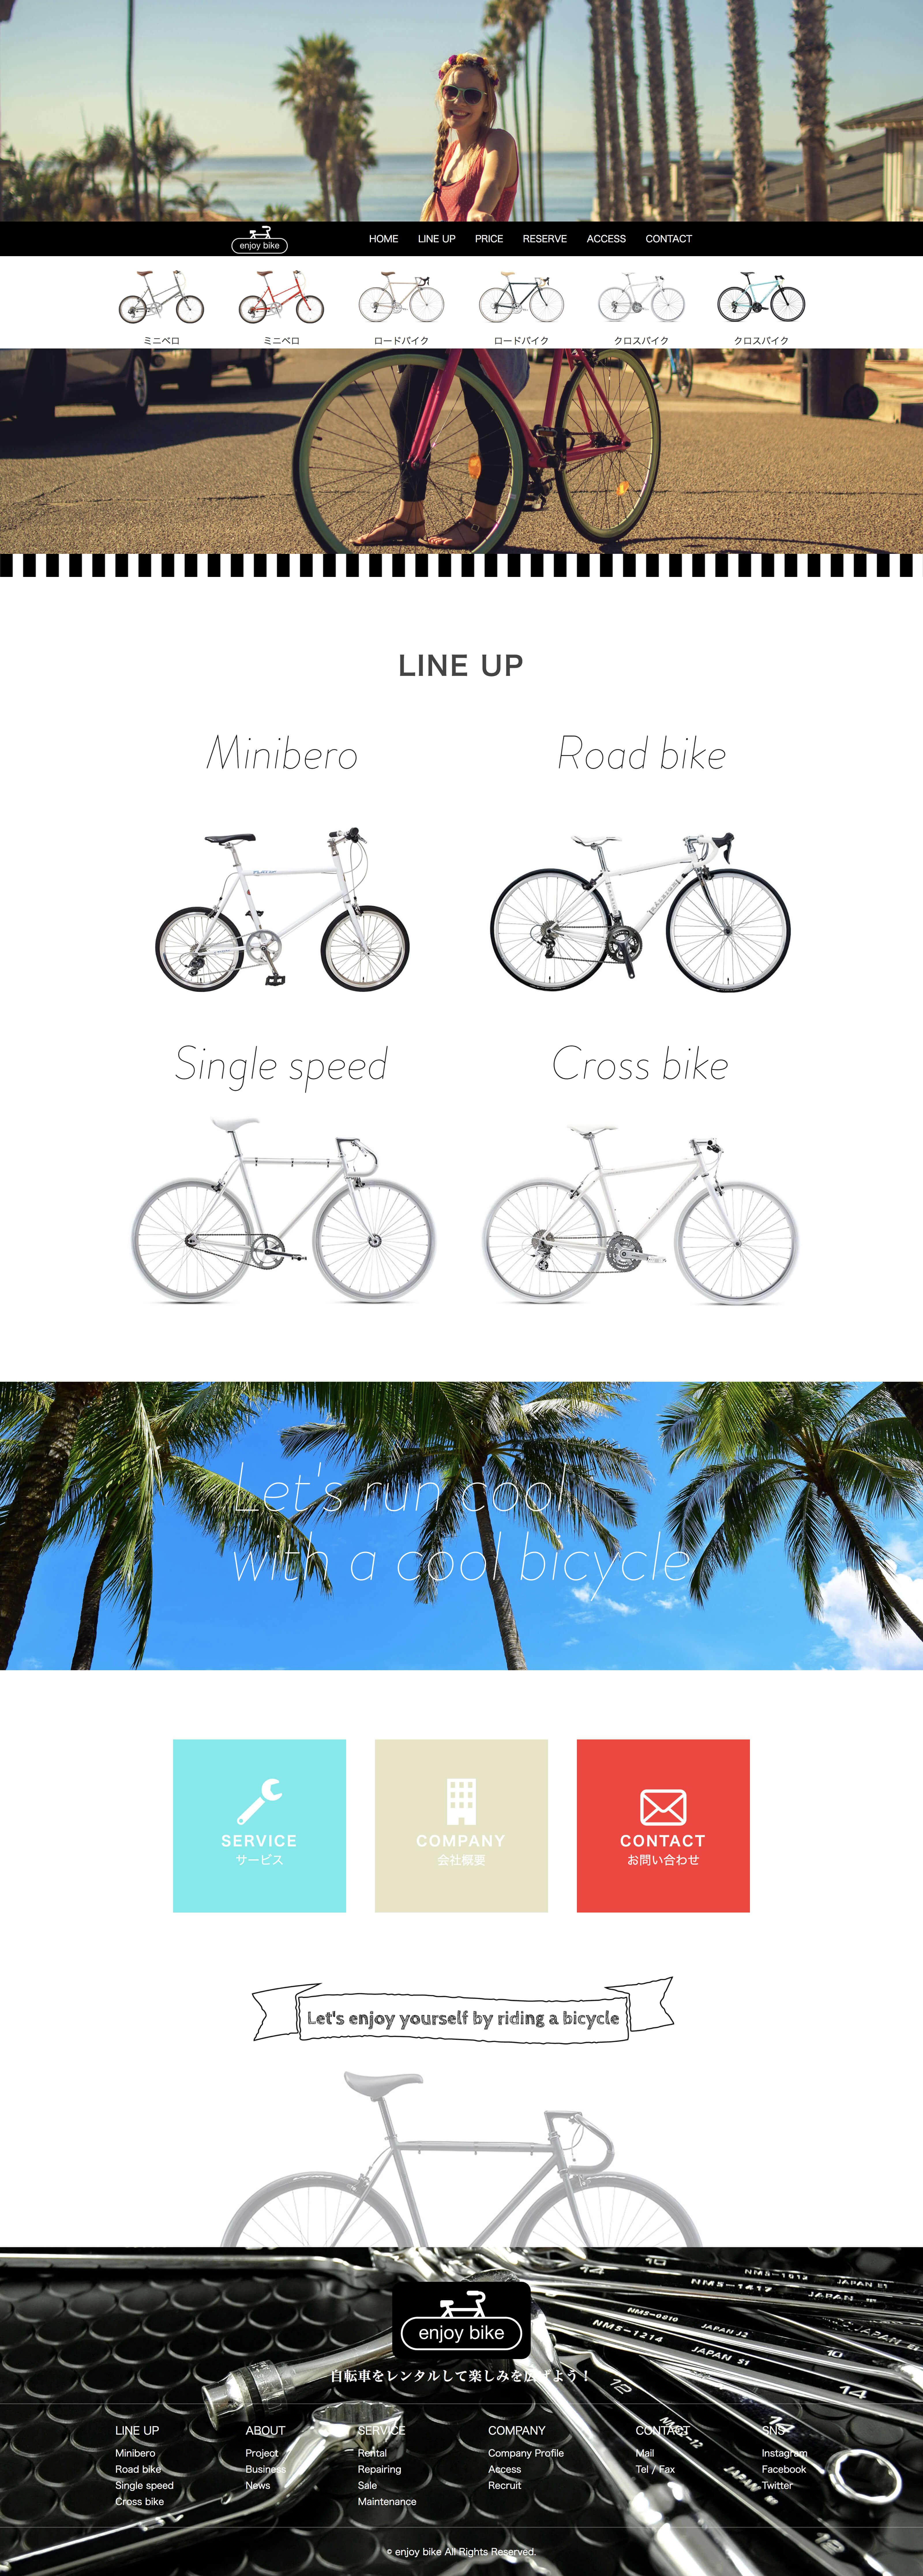 enjoybike